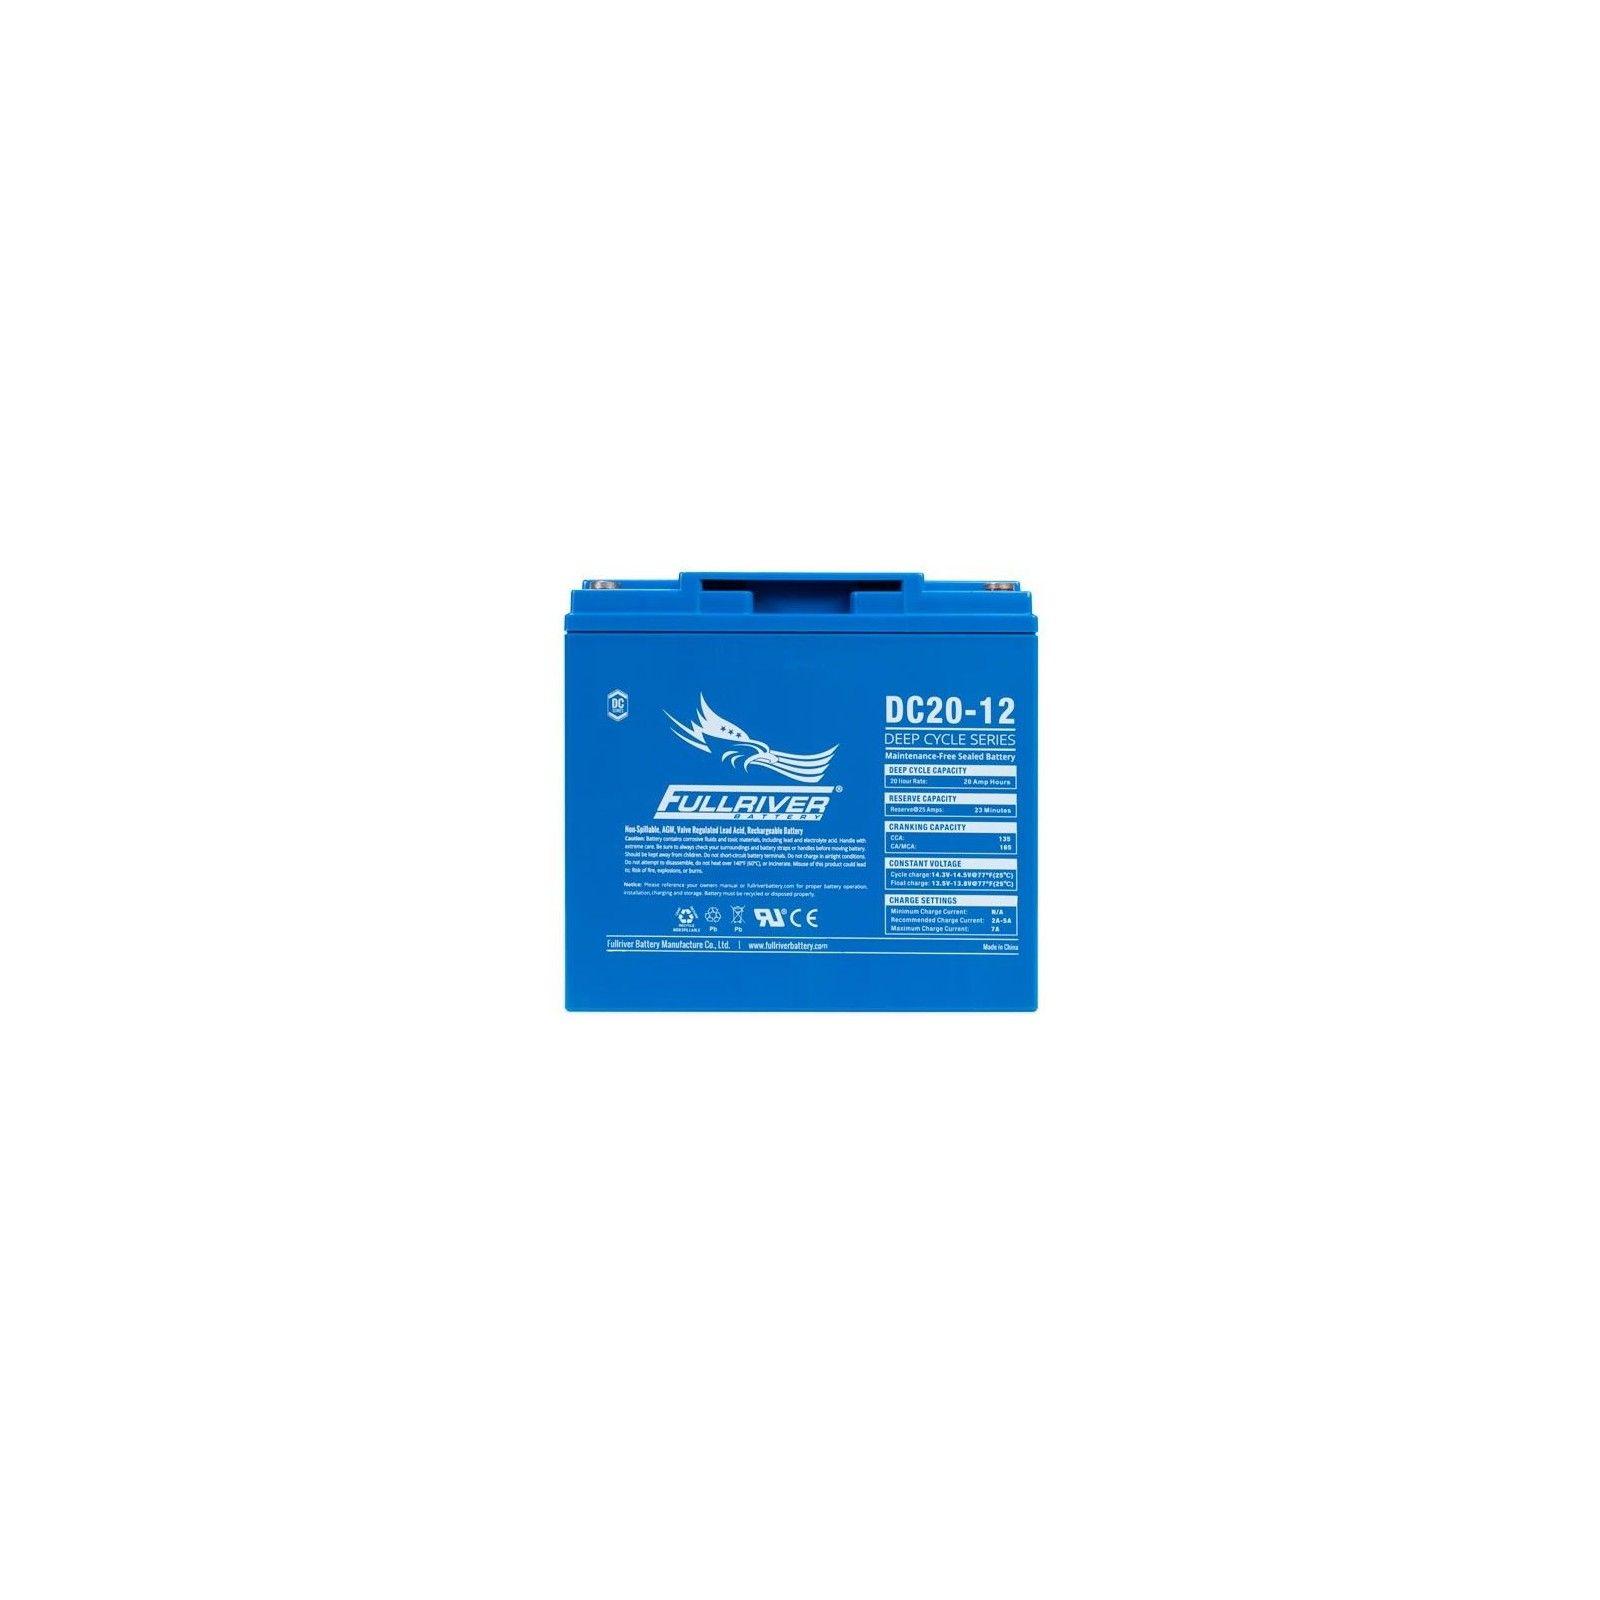 Batería Fullriver DC20-12 20Ah 135A 12V Dc FULLRIVER - 1